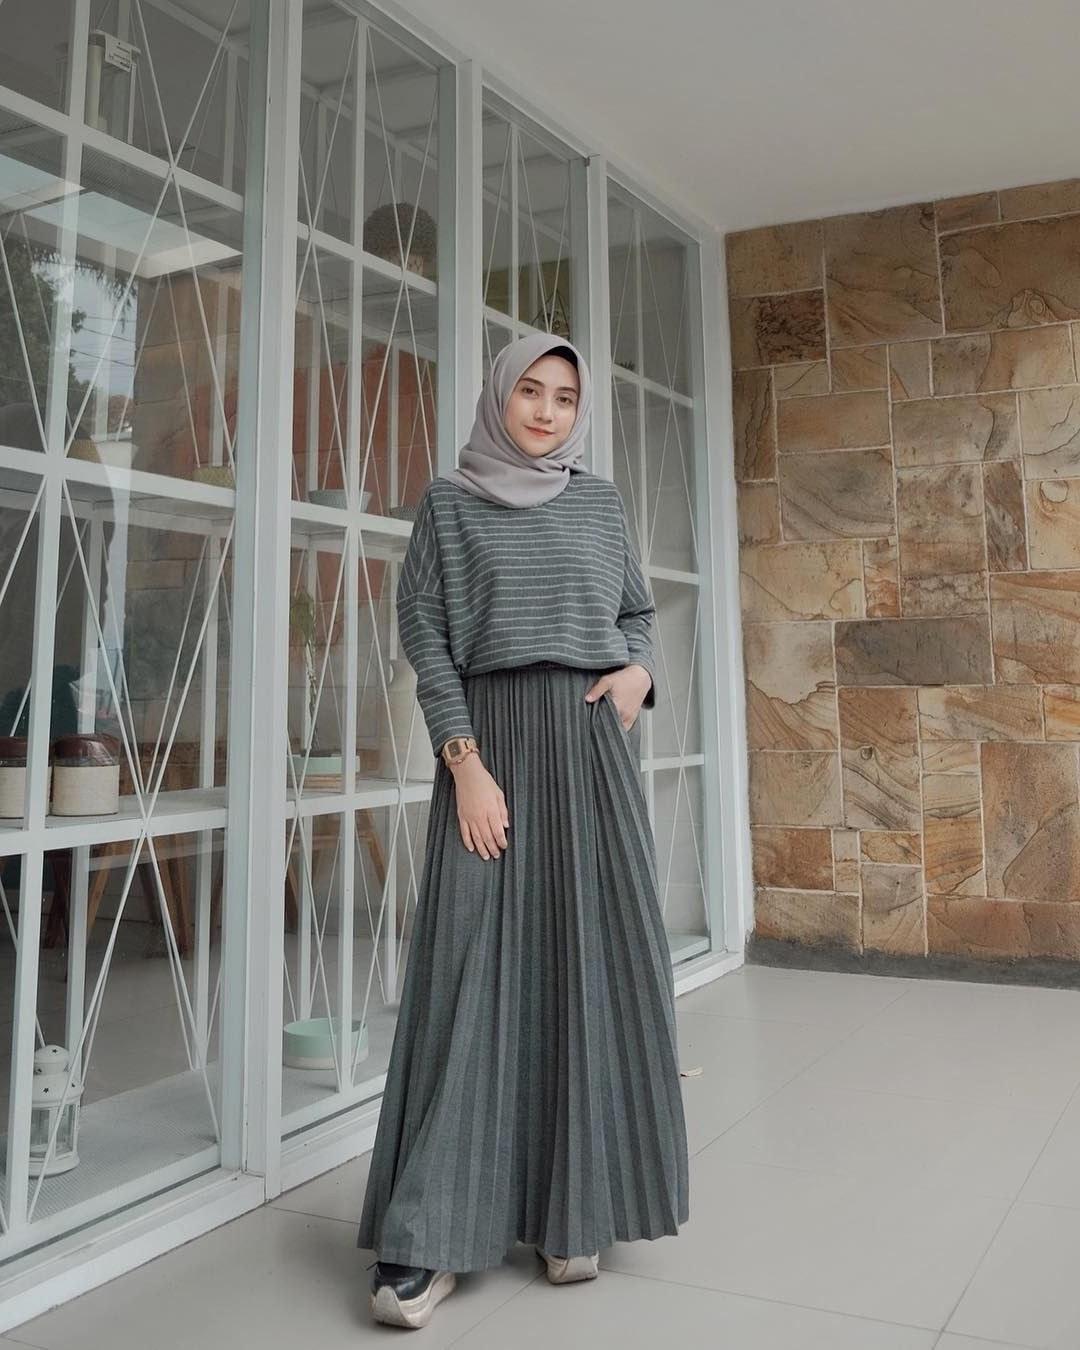 Ide Ootd Baju Lebaran Txdf Baju Muslim Lebaran Terbaru 2019 Dengan Gambar